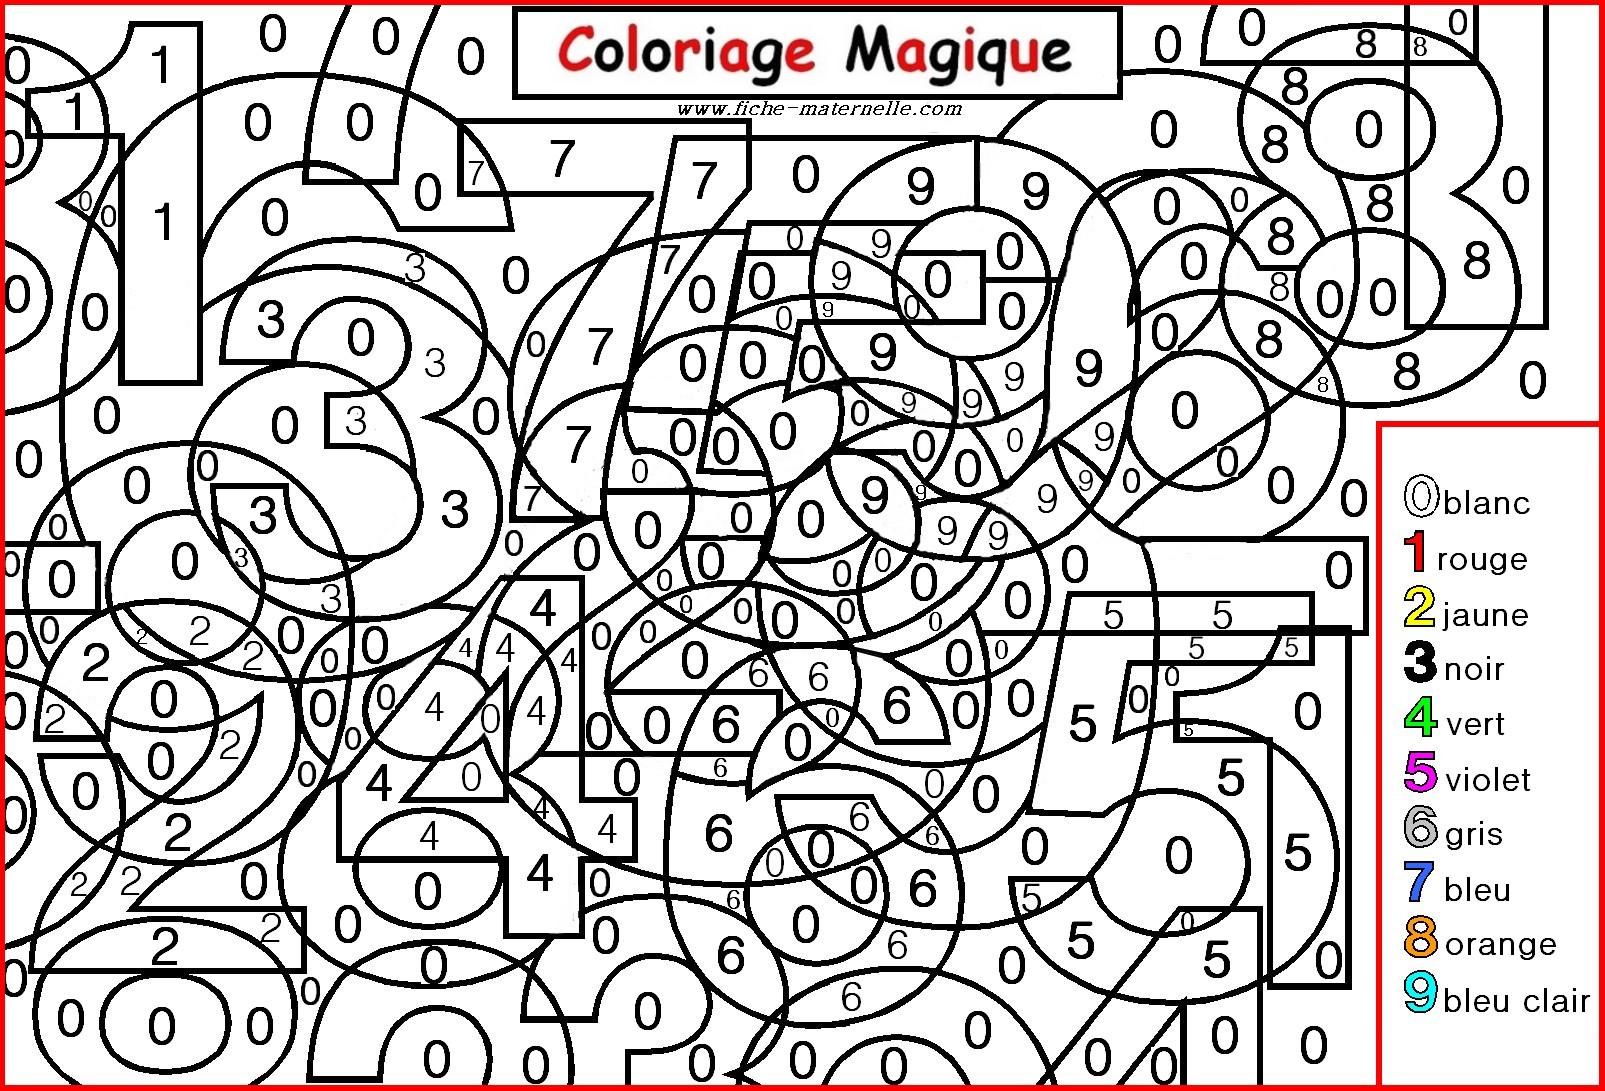 66 dessins de coloriage magique imprimer sur laguerche - Coloriage avec des chiffres ...